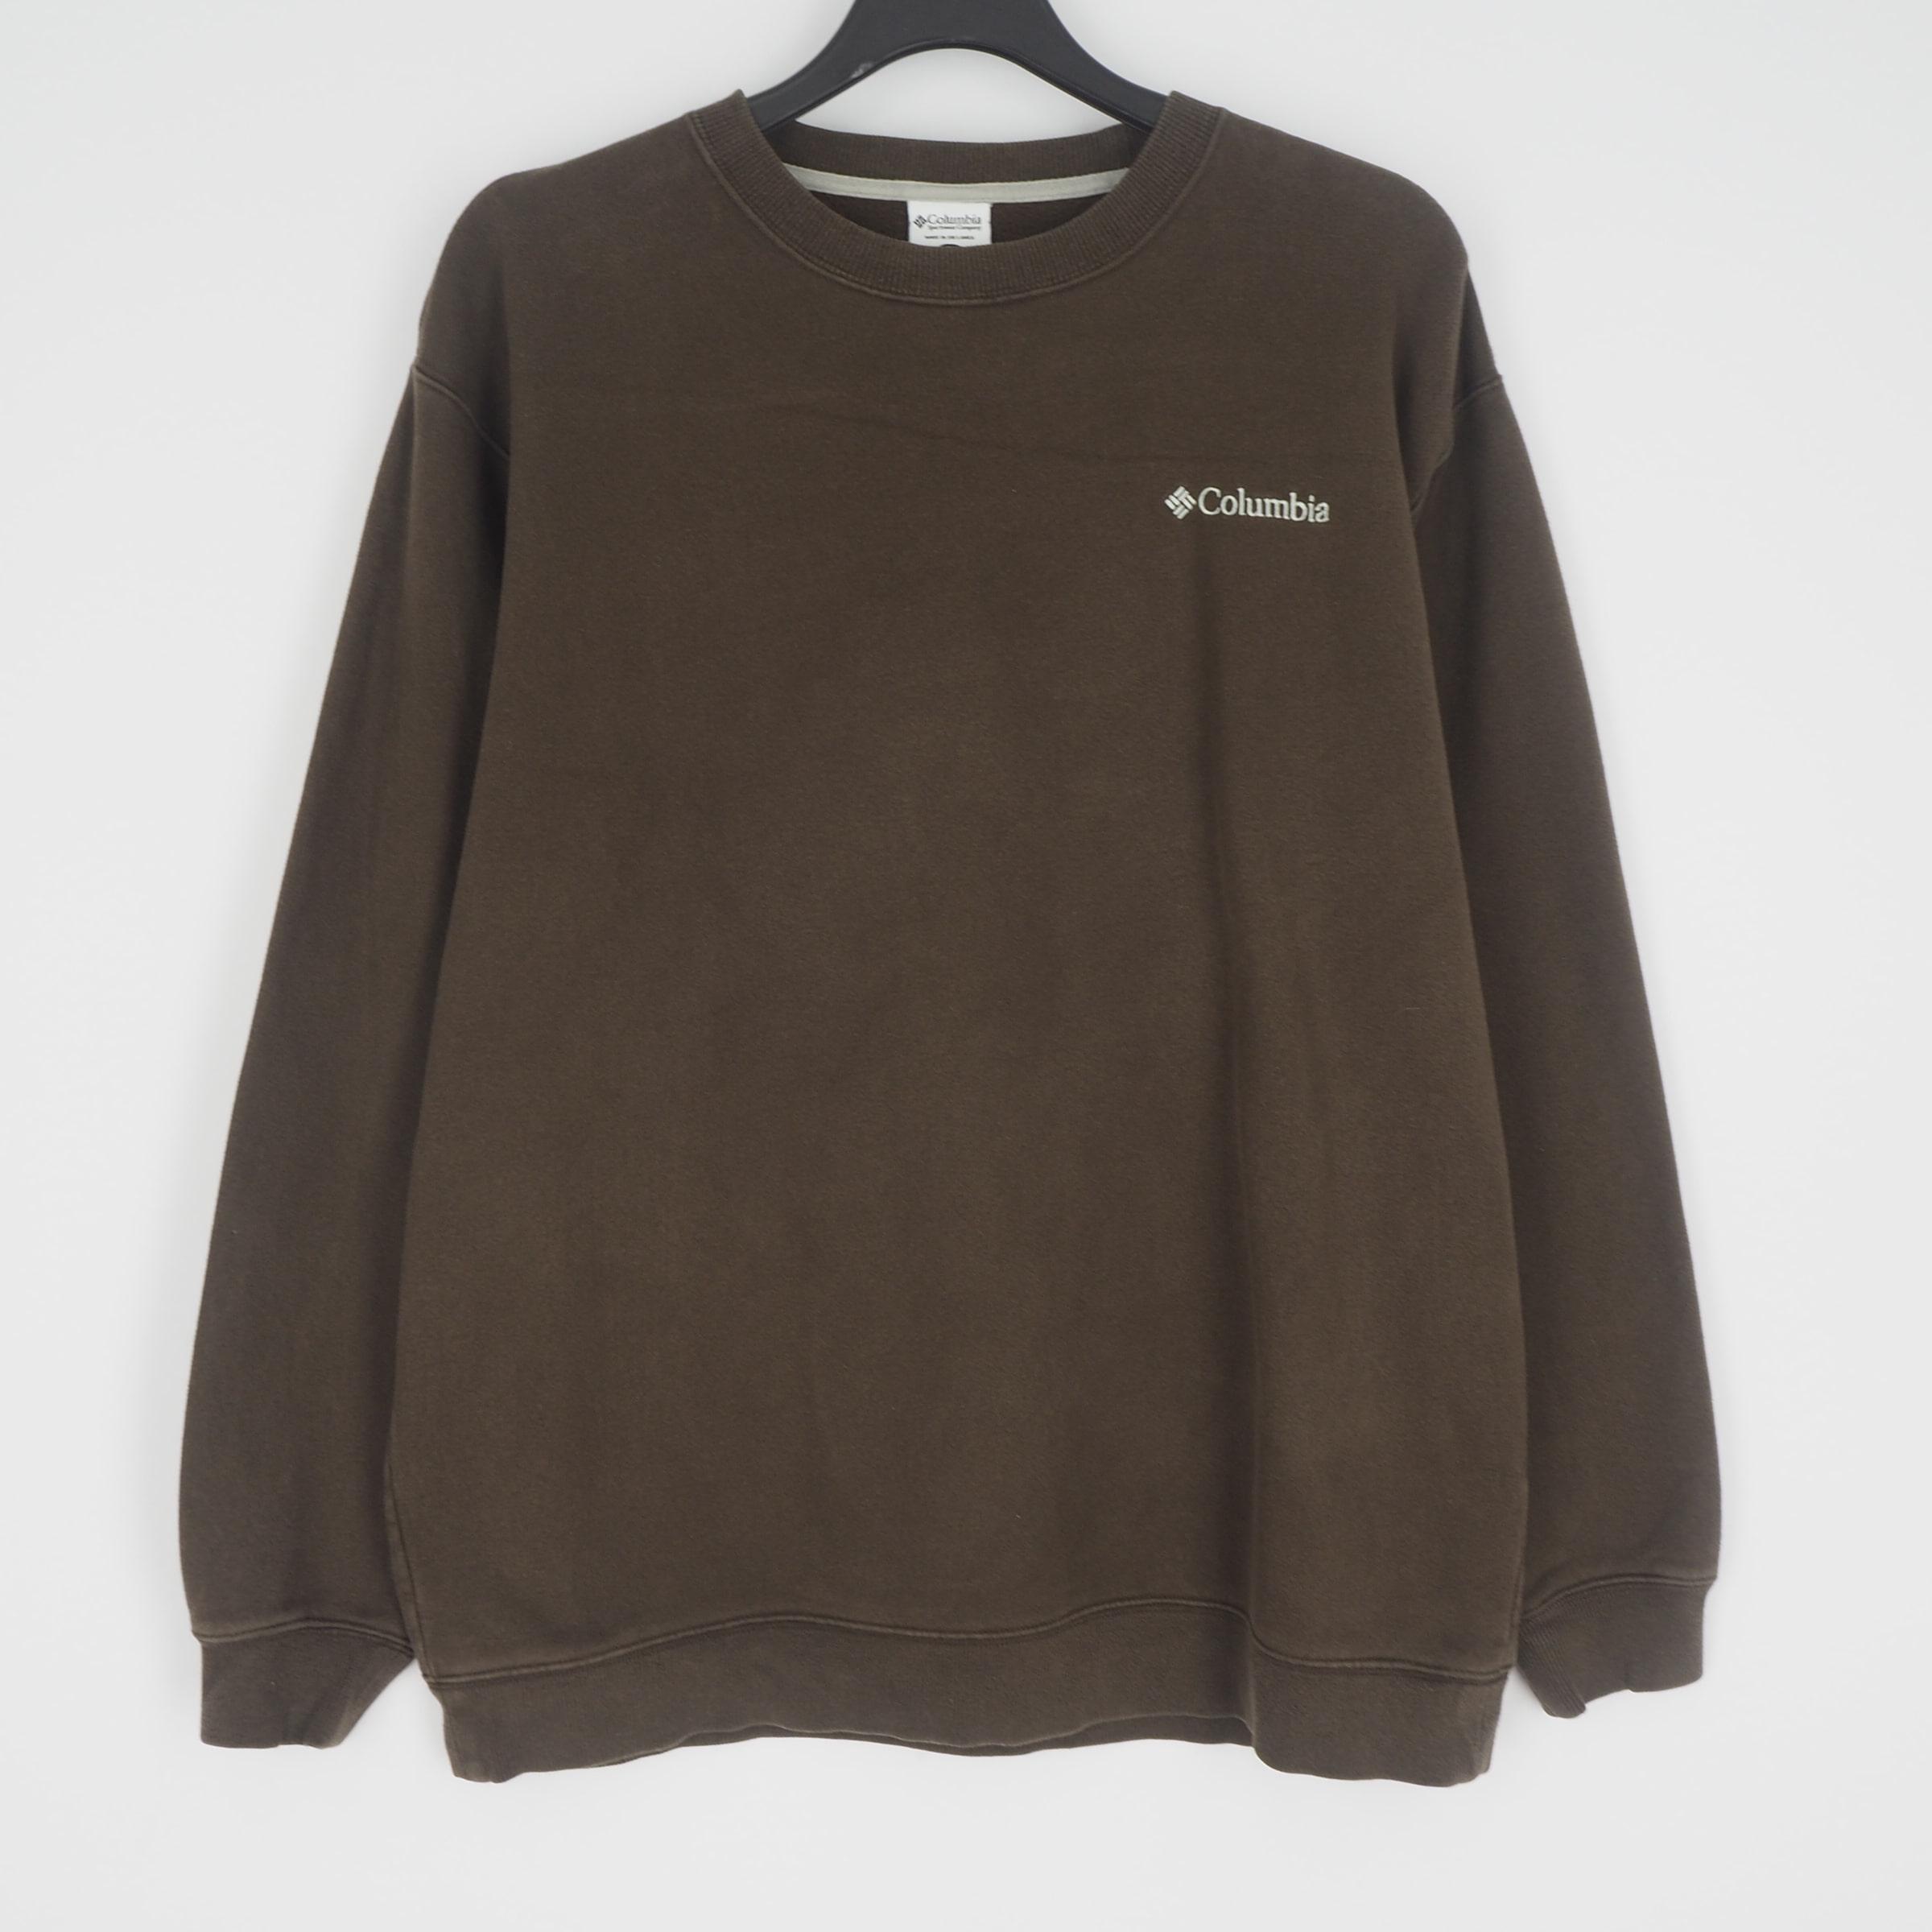 [XL] 컬럼비아 맨투맨